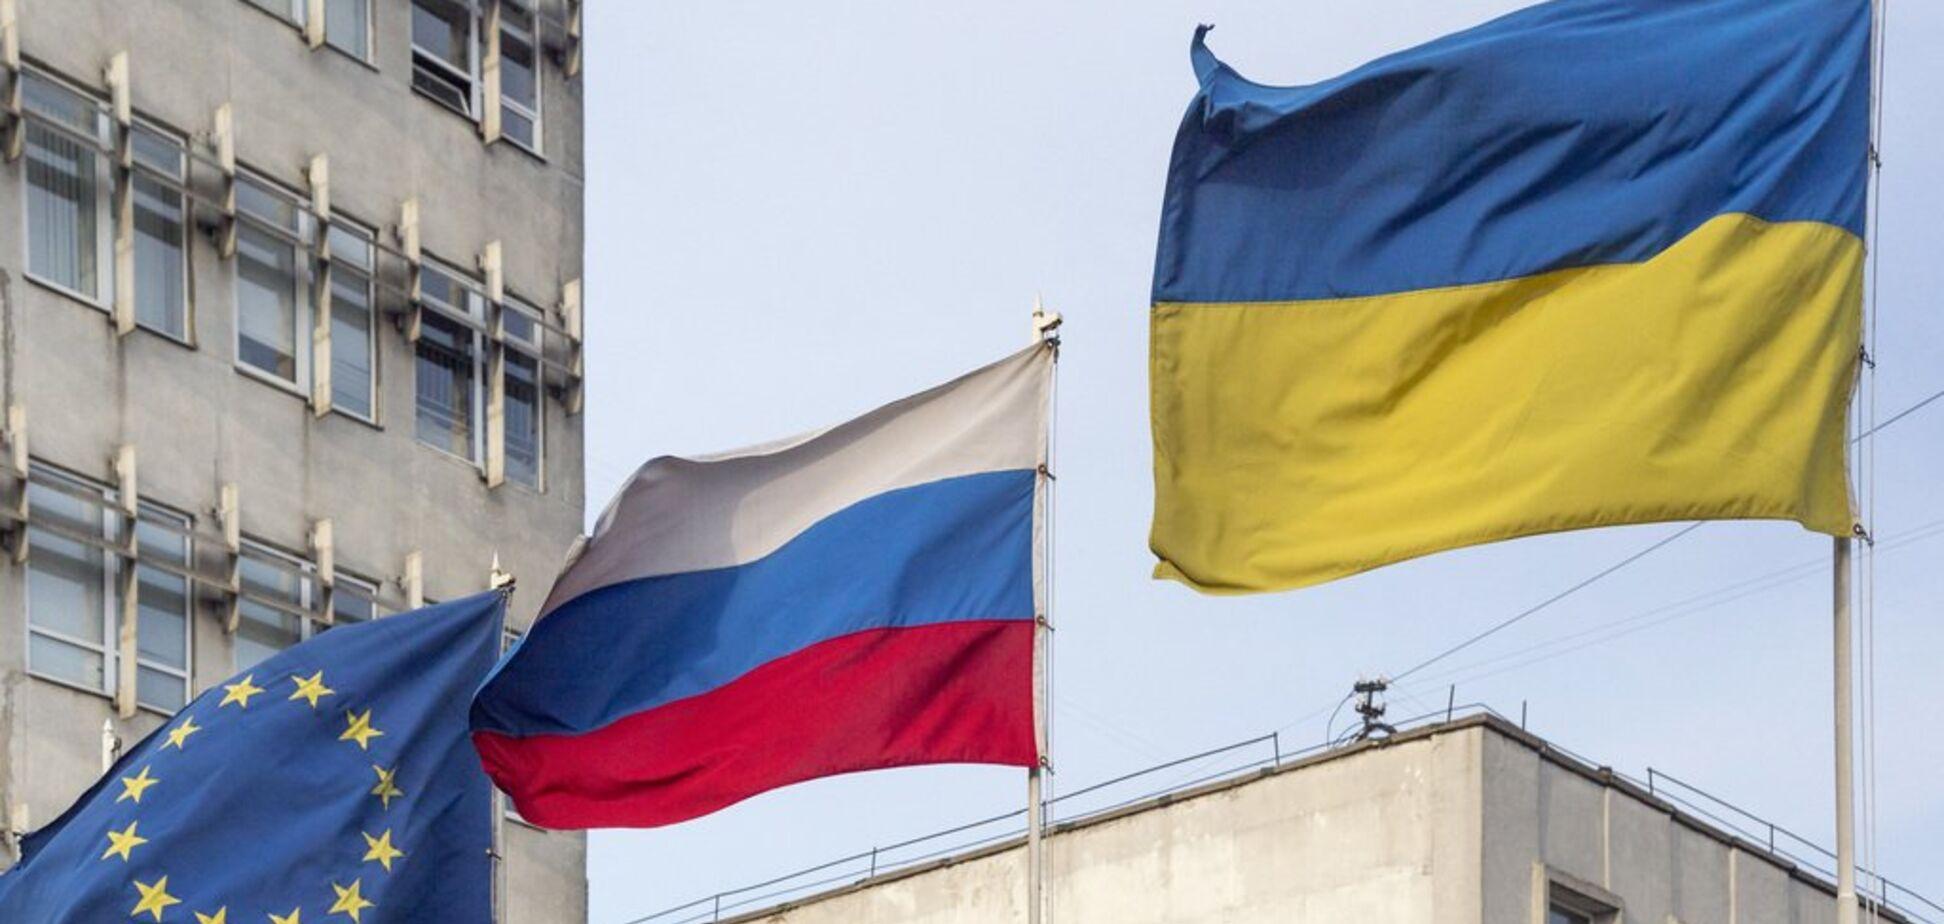 Дело на $12 млрд: Украина перешла к 'плану Б' из-за газопровода Путина